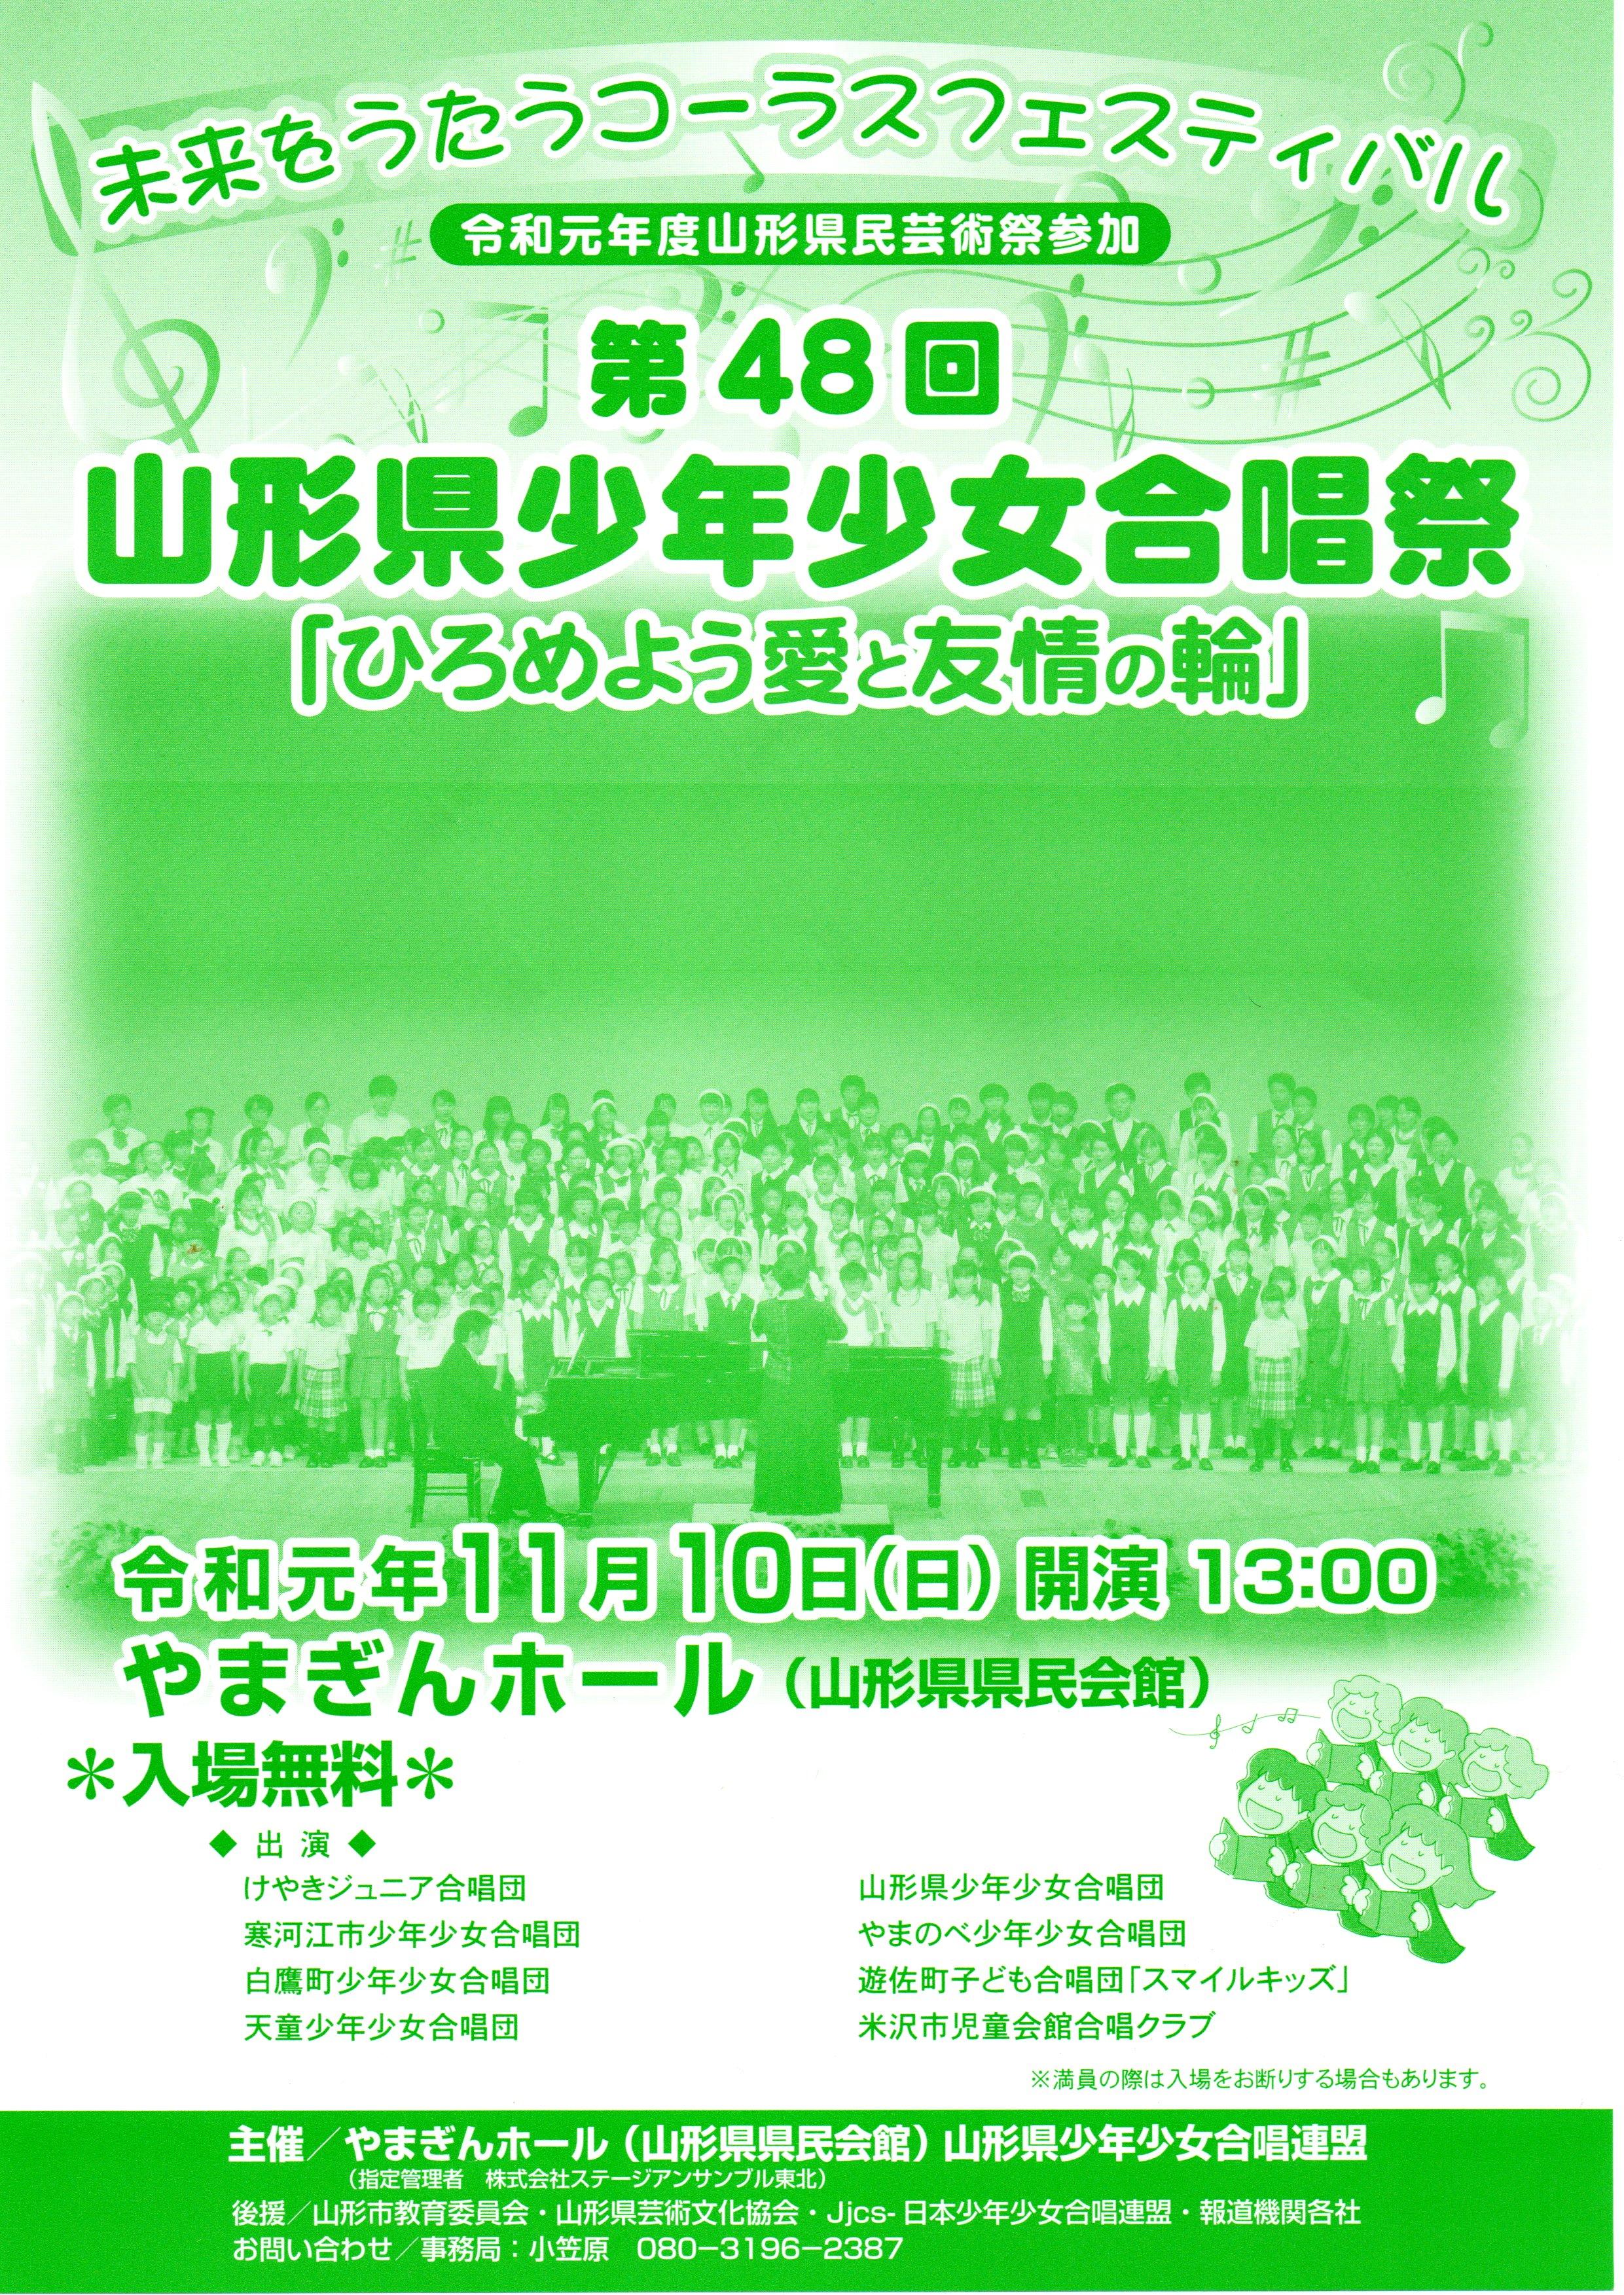 第48回山形県少年少女合唱祭<br> 「ひろめよう愛と友情の輪」